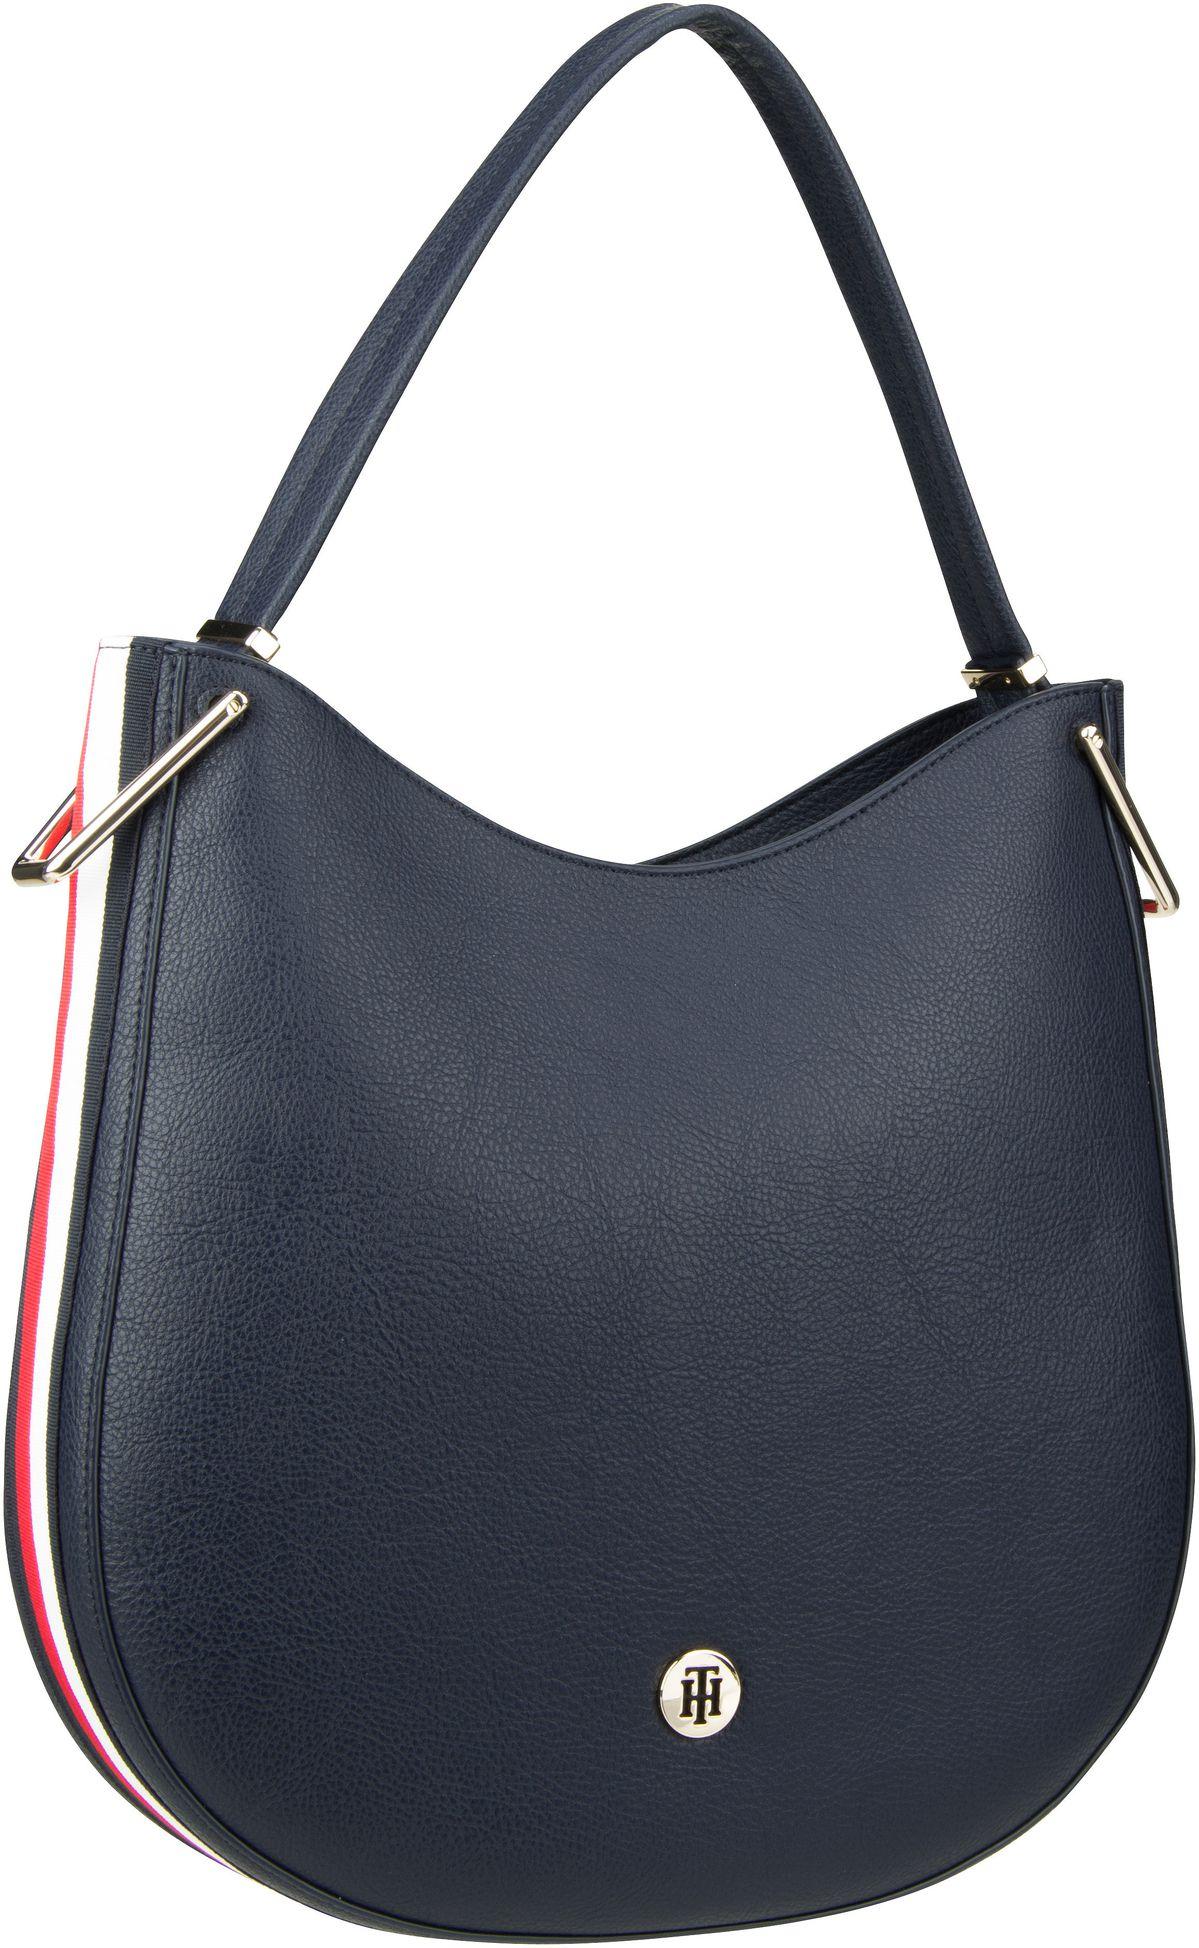 Handtasche TH Core Hobo 0730 Corporate